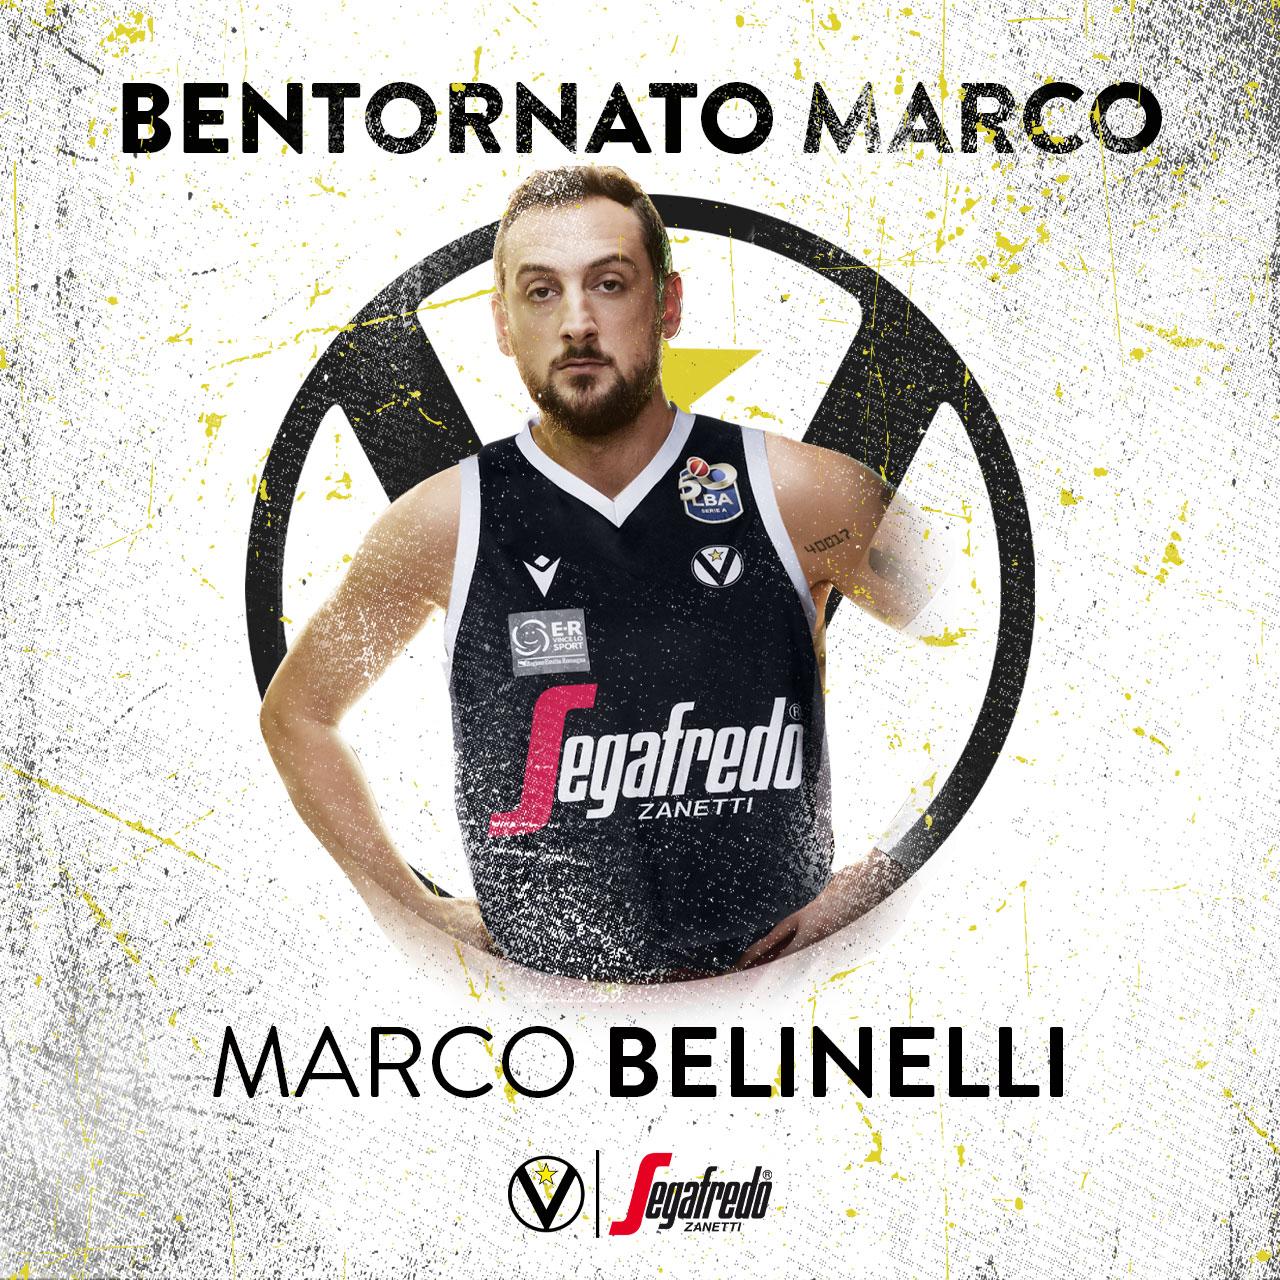 Marco Belinelli lascia l'NBA e torna alla Virtus Bologna